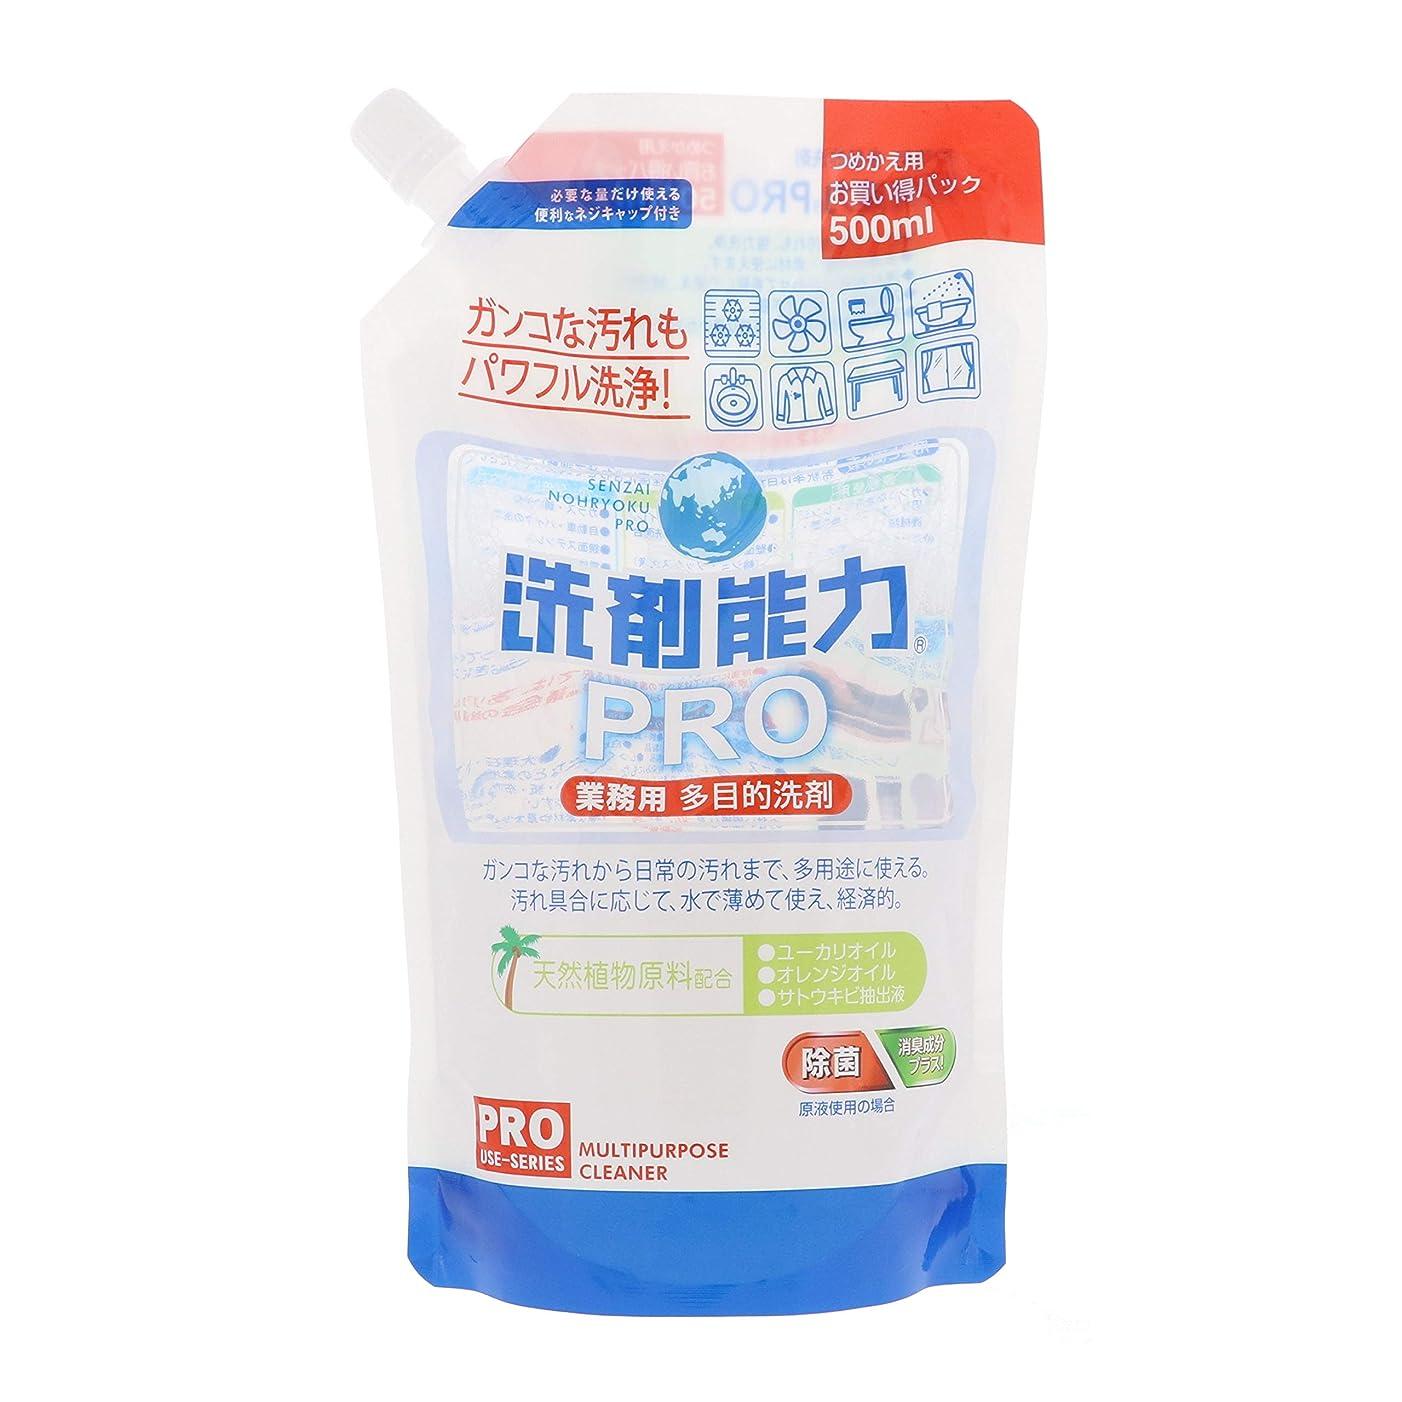 サーバ豆腐しつけ洗剤能力PRO 詰替 パック 500ml